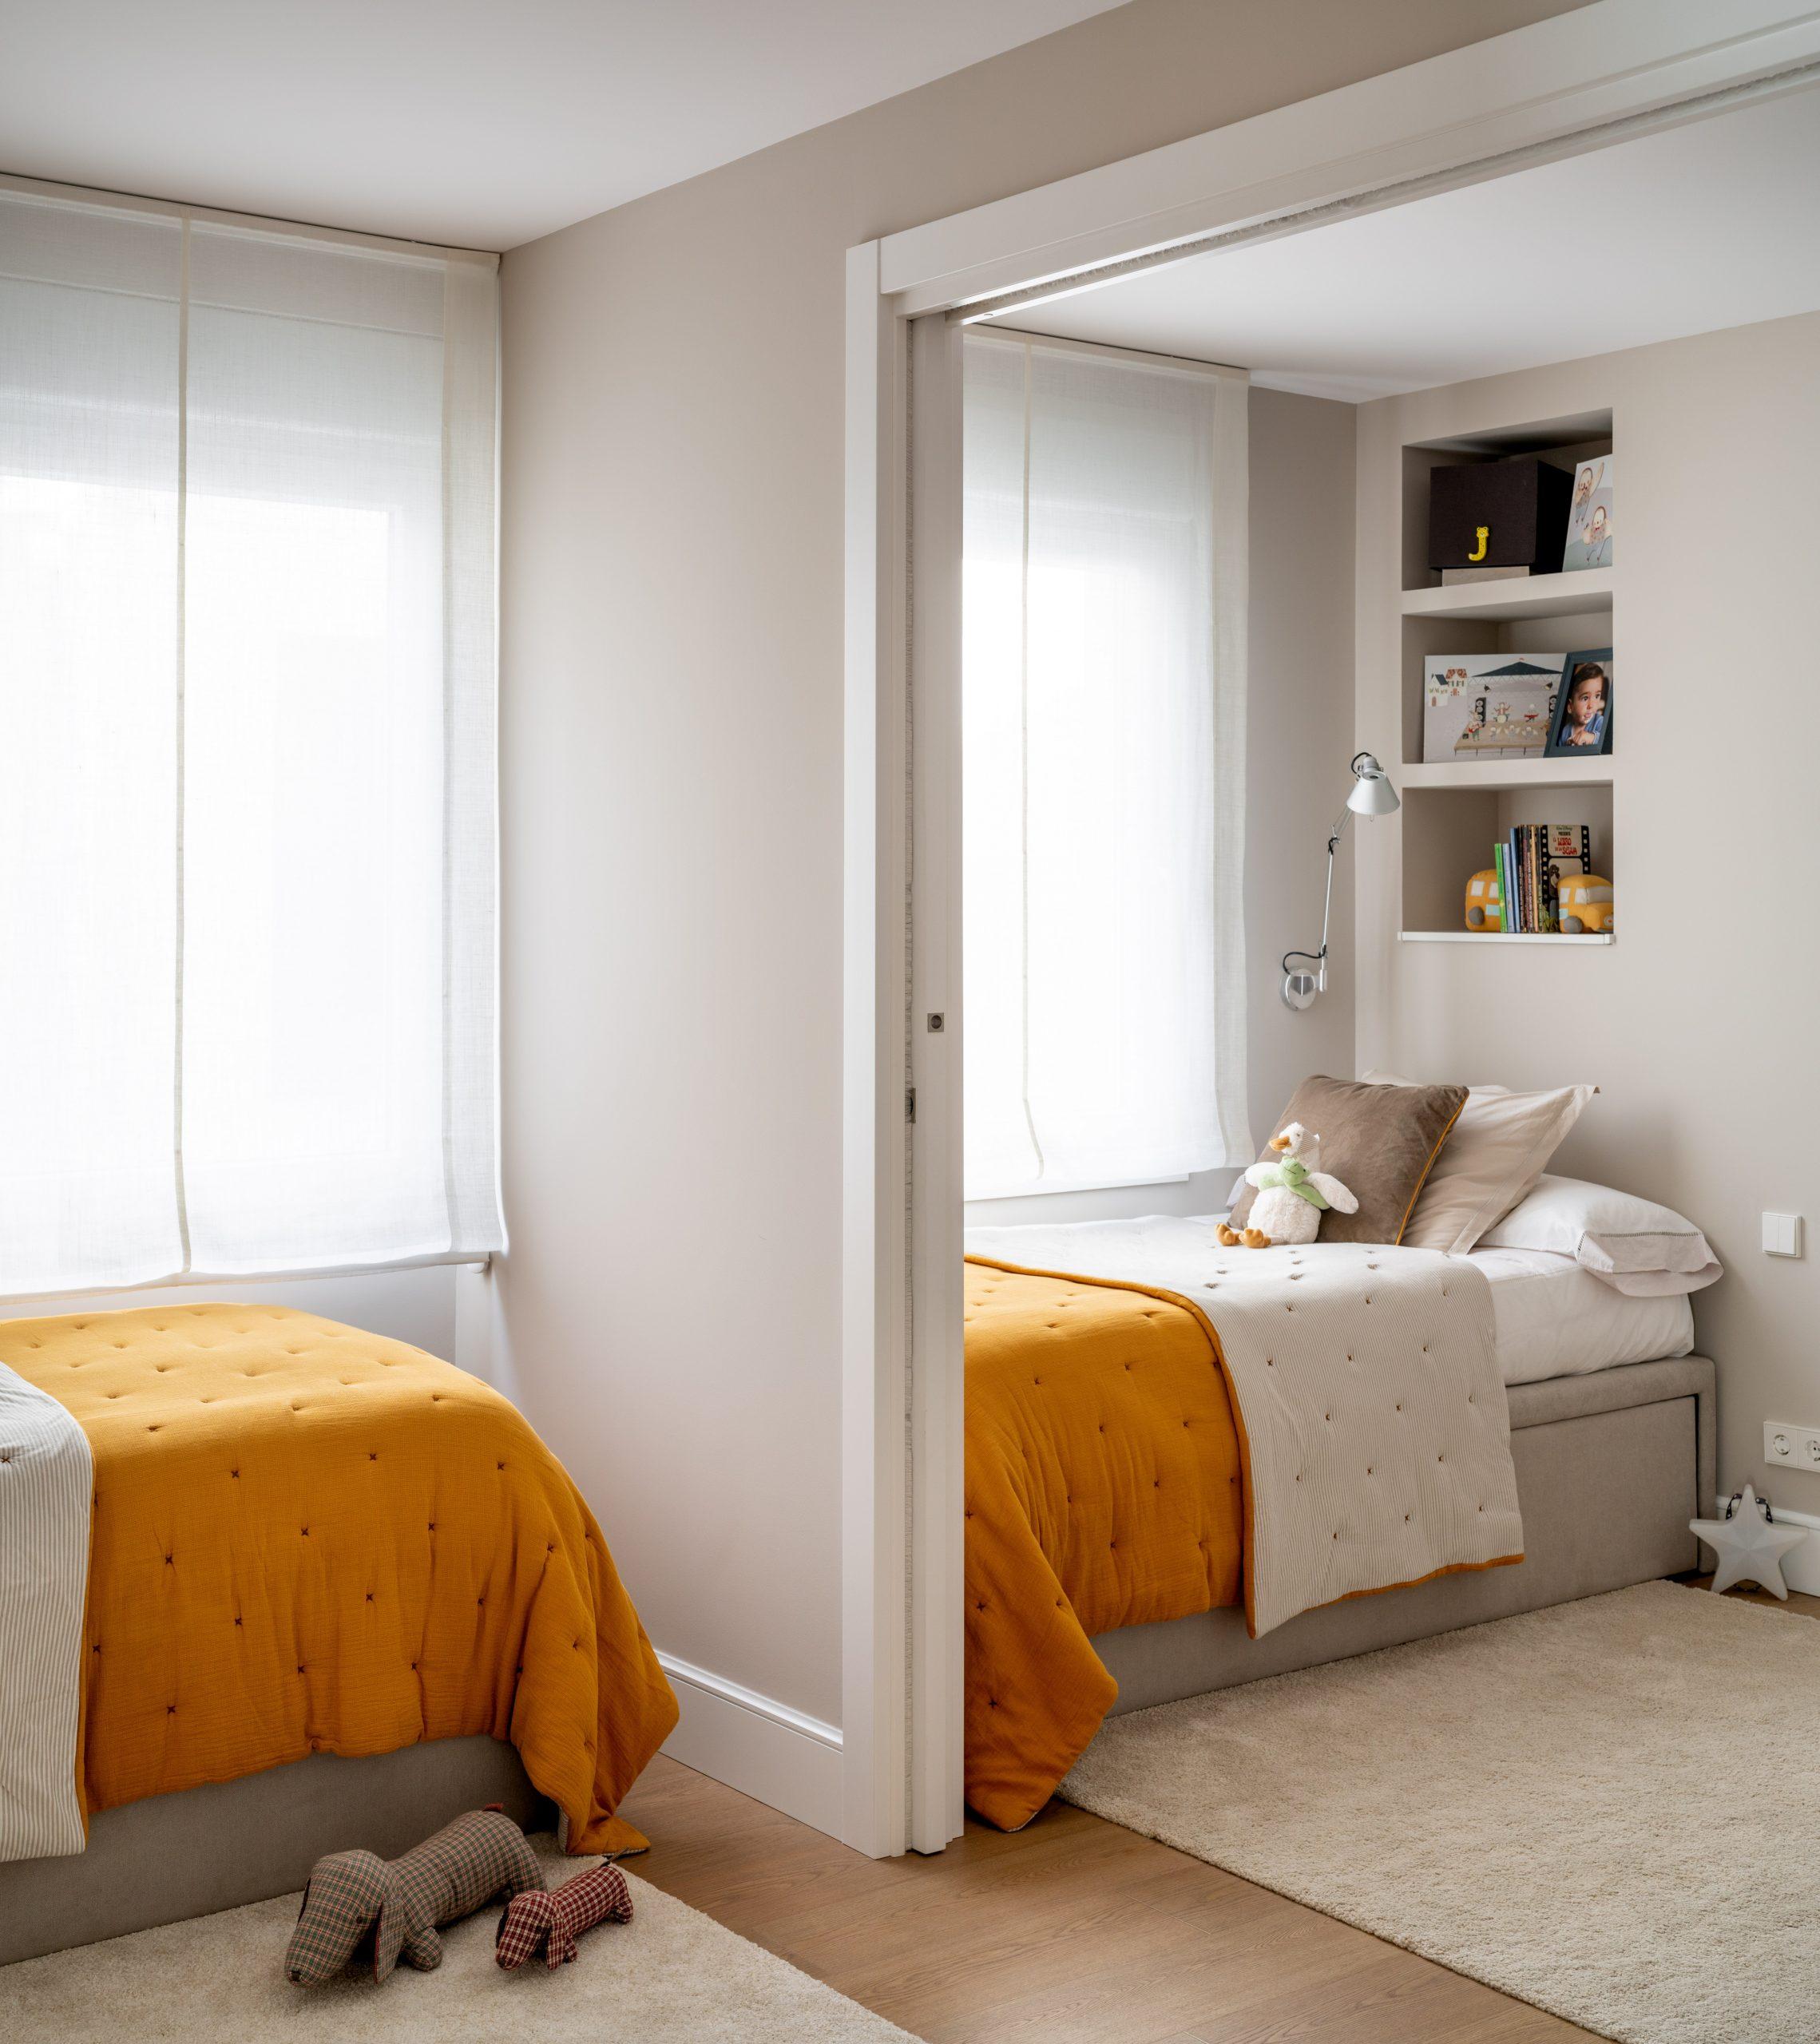 Fotógrafo de arquitectura en Bilbao - Imagen de habitación doble